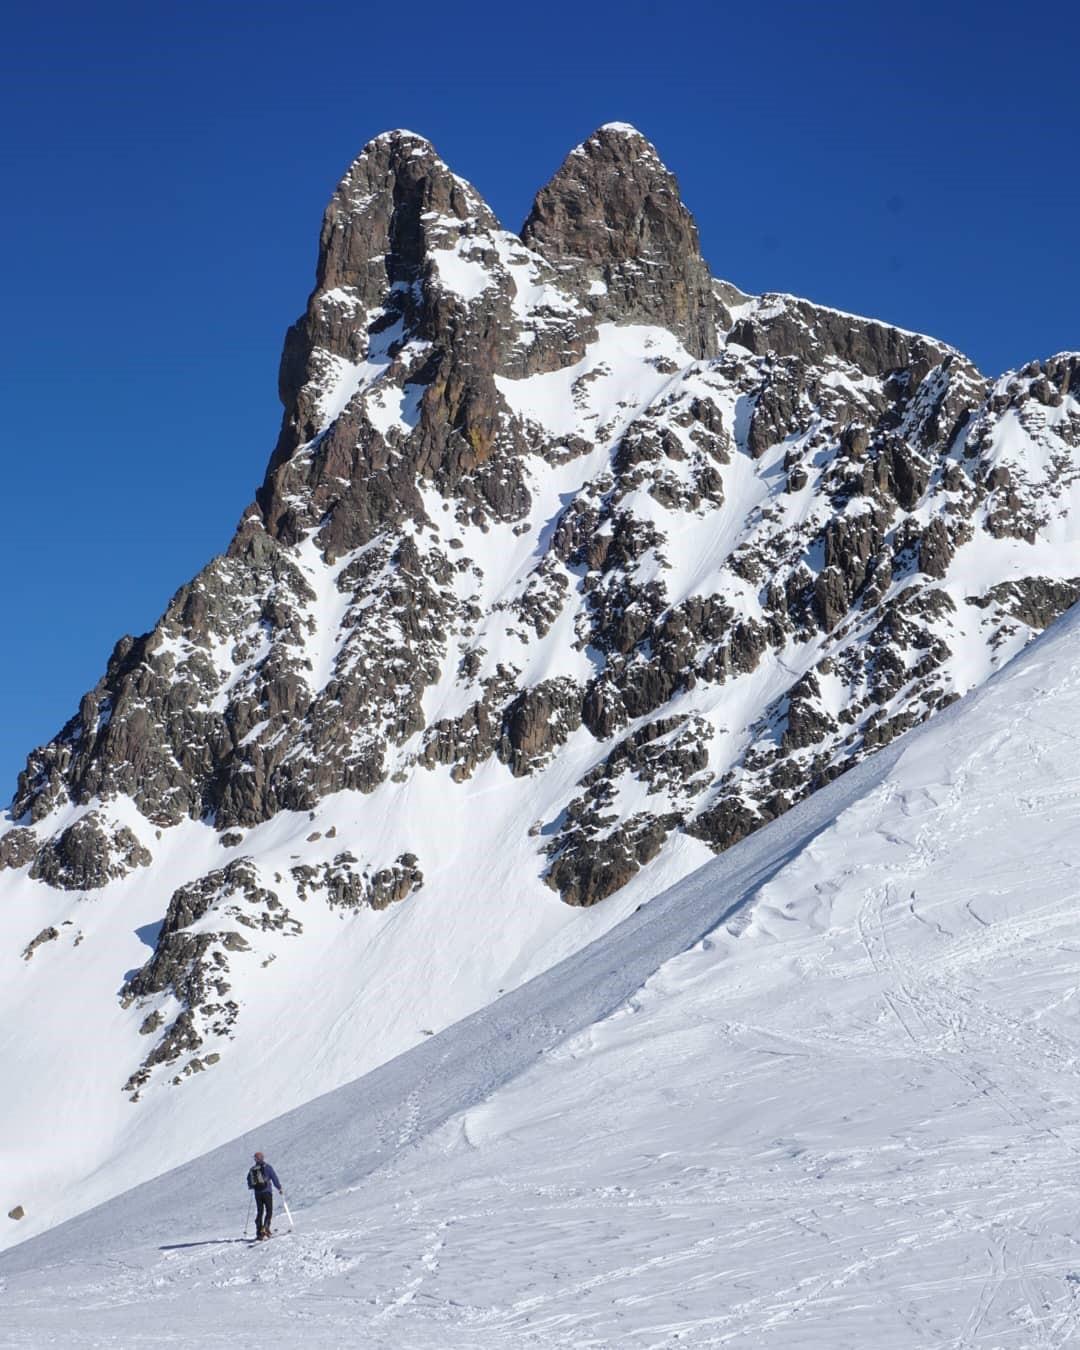 Fotografía montaña Pirineos by @diegozxr